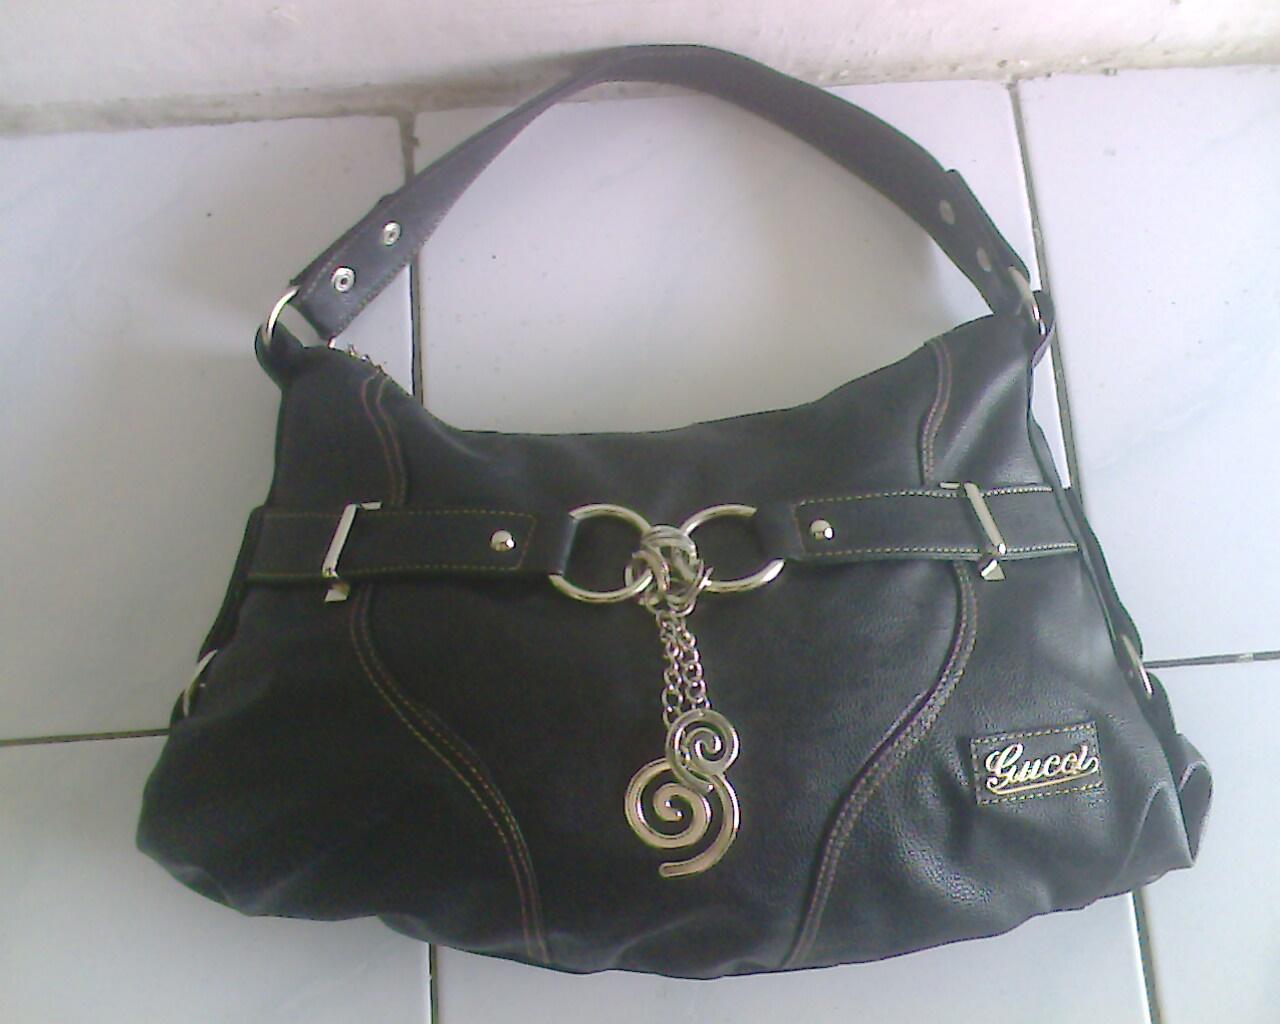 ragamuffin-child  Harga tas wanita branded merk guess kw super warna hitam  terbaru 7b38cbf46d